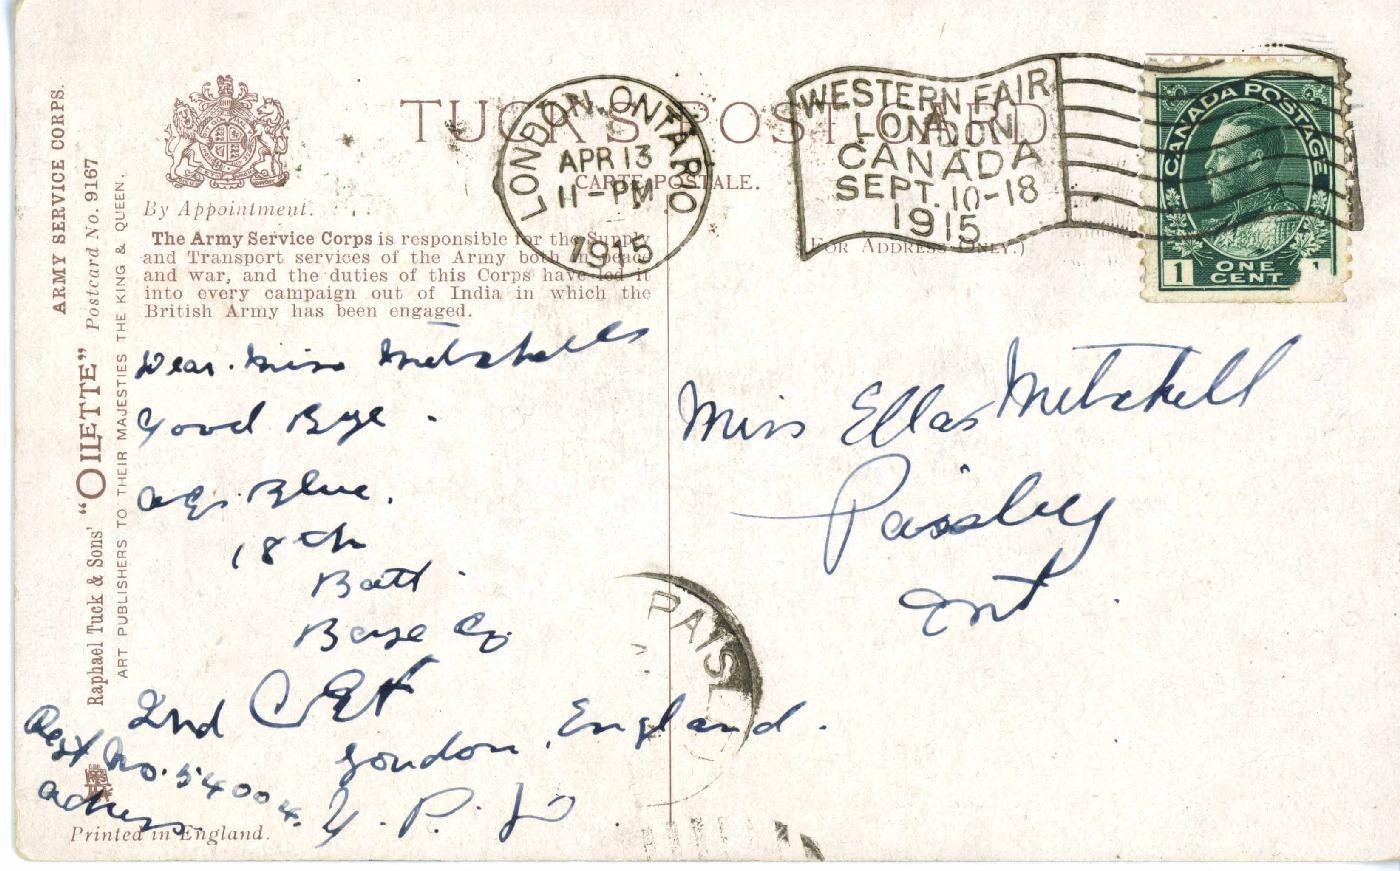 A2009.210.006b - back - From Alex Blue to his teacher Miss. Ella Mitchell Apr 13, 1915